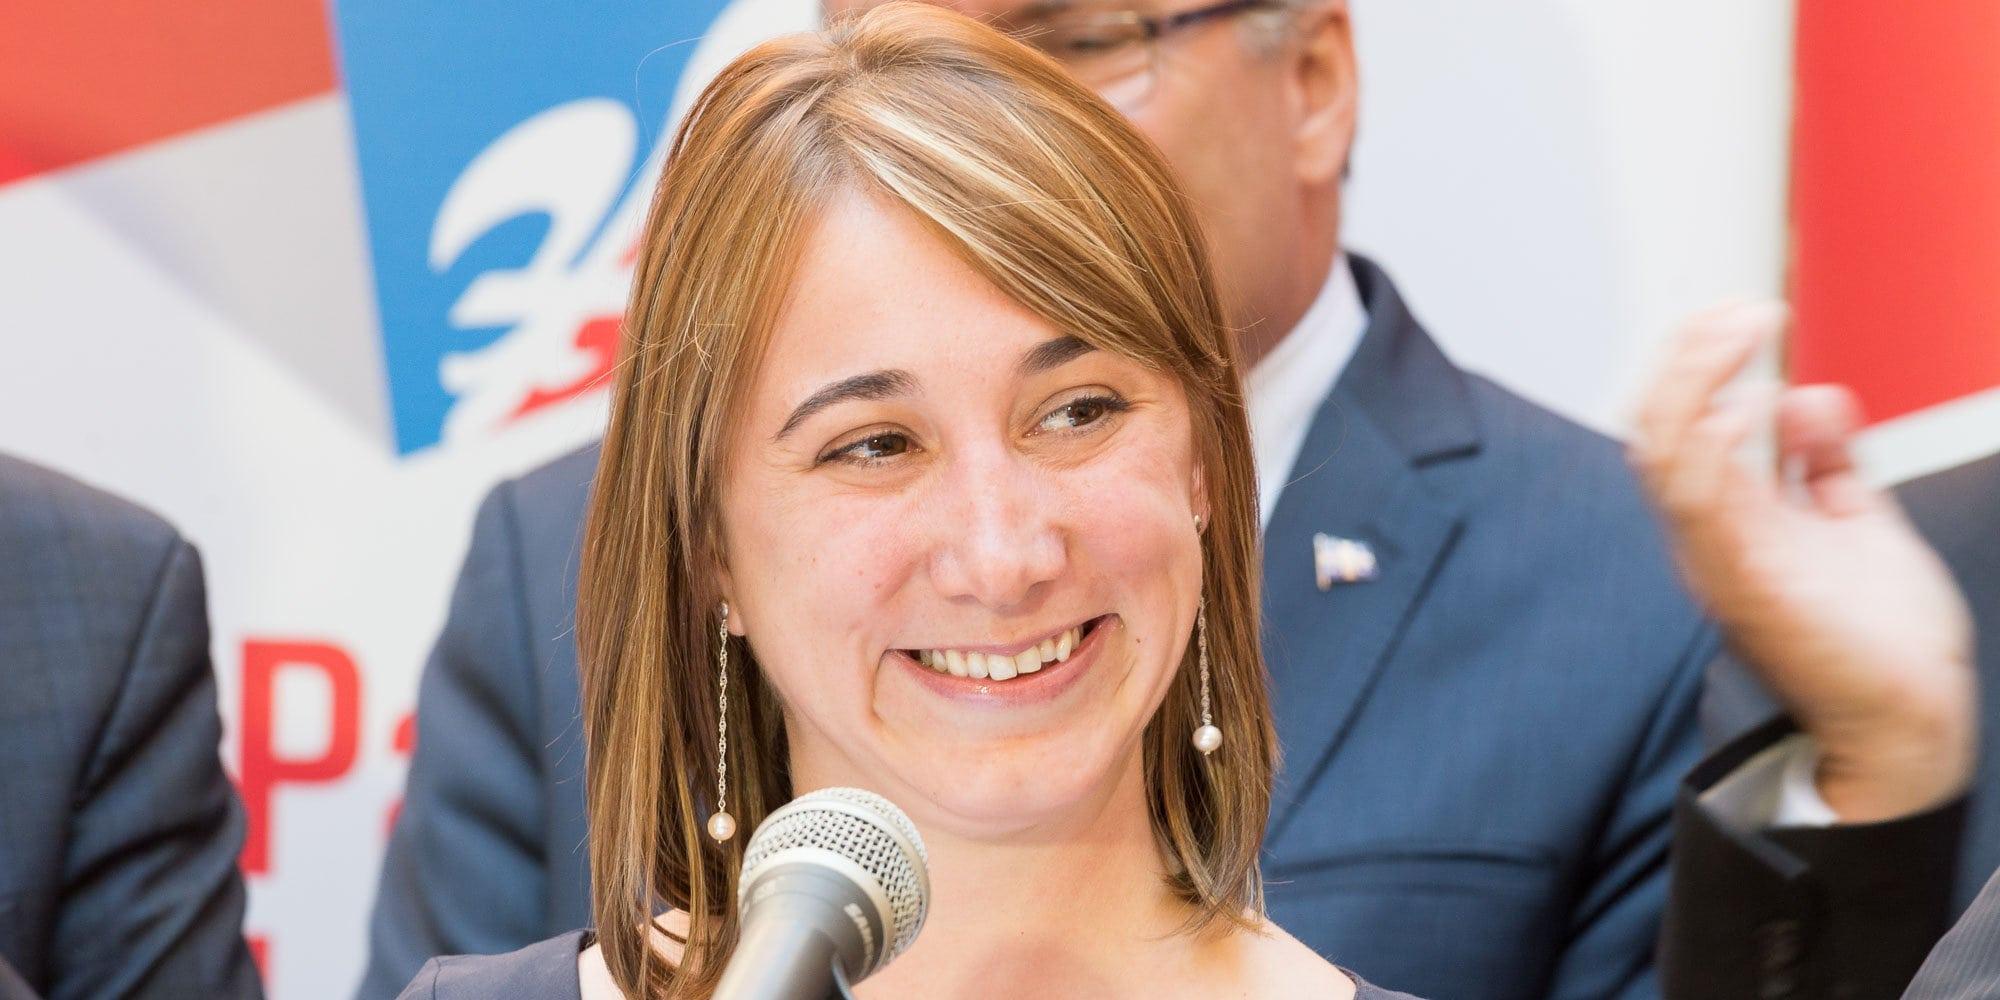 Naömie Goyette est la candidate du Parti libéral du Québec pour l'élection partielle à venir dans la circonscription de Saint-Jérôme.